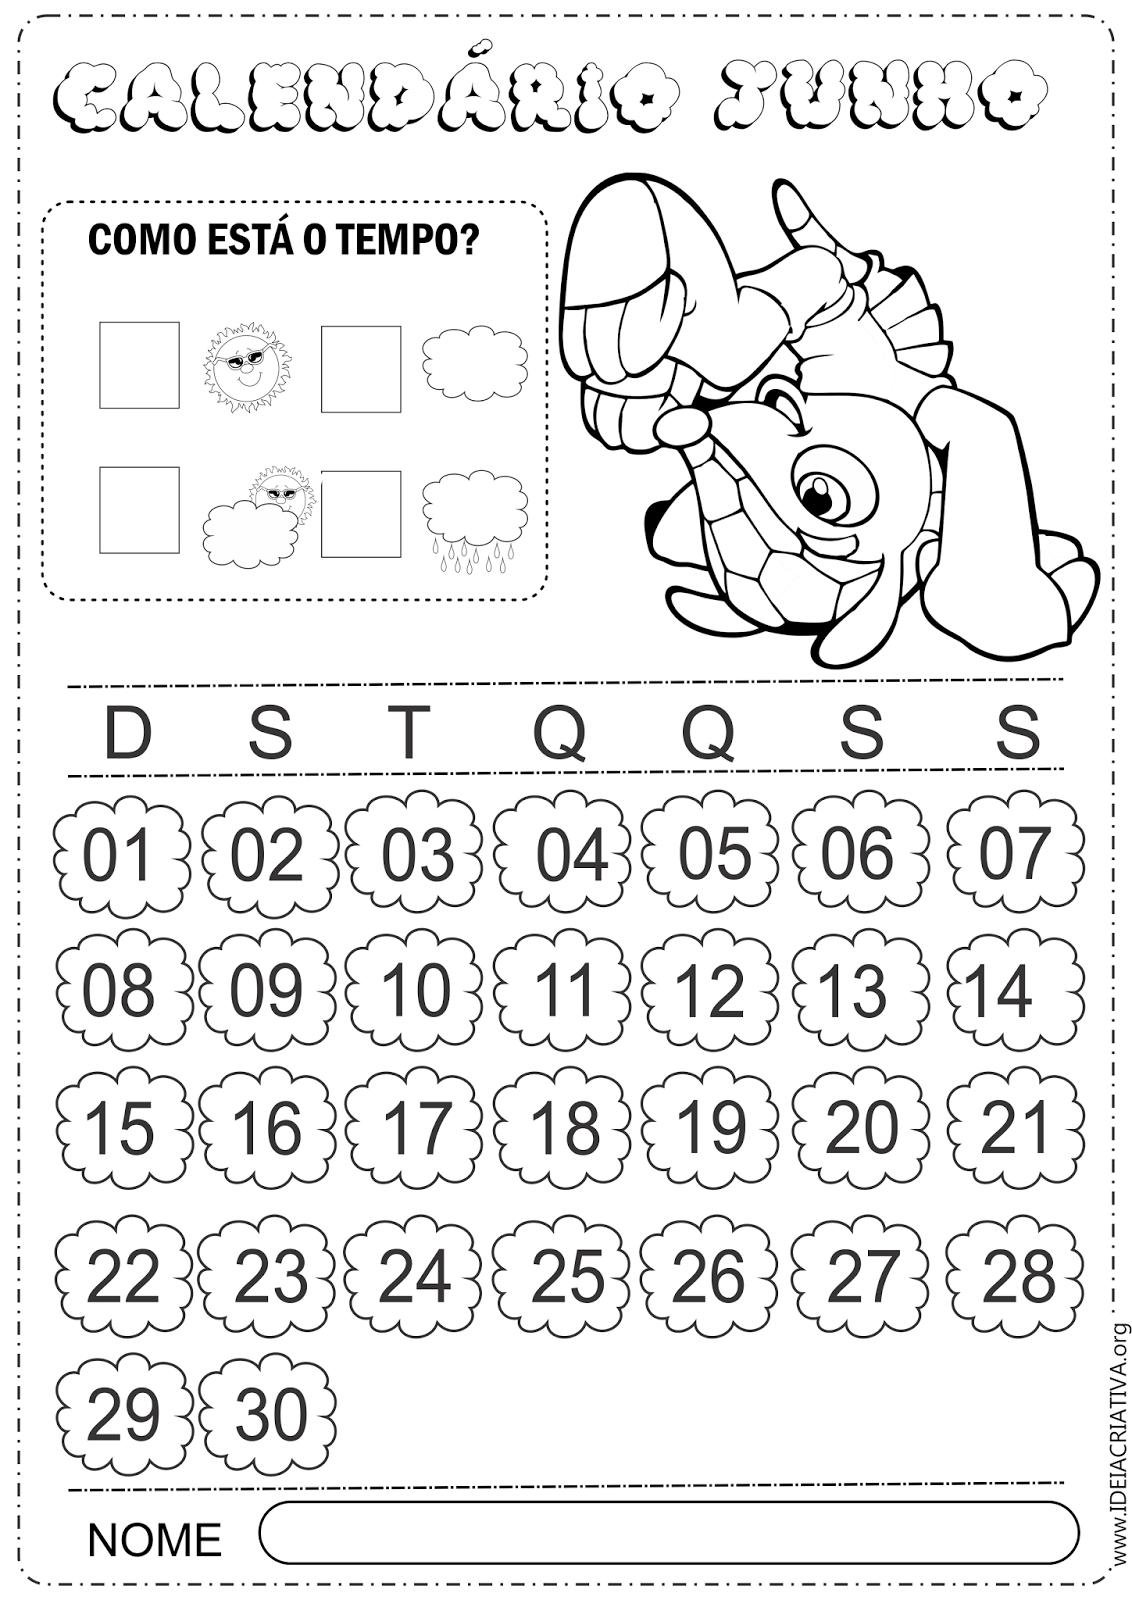 Calendários Junho Copa do Mundo 2014 Fuleco para Imprimir